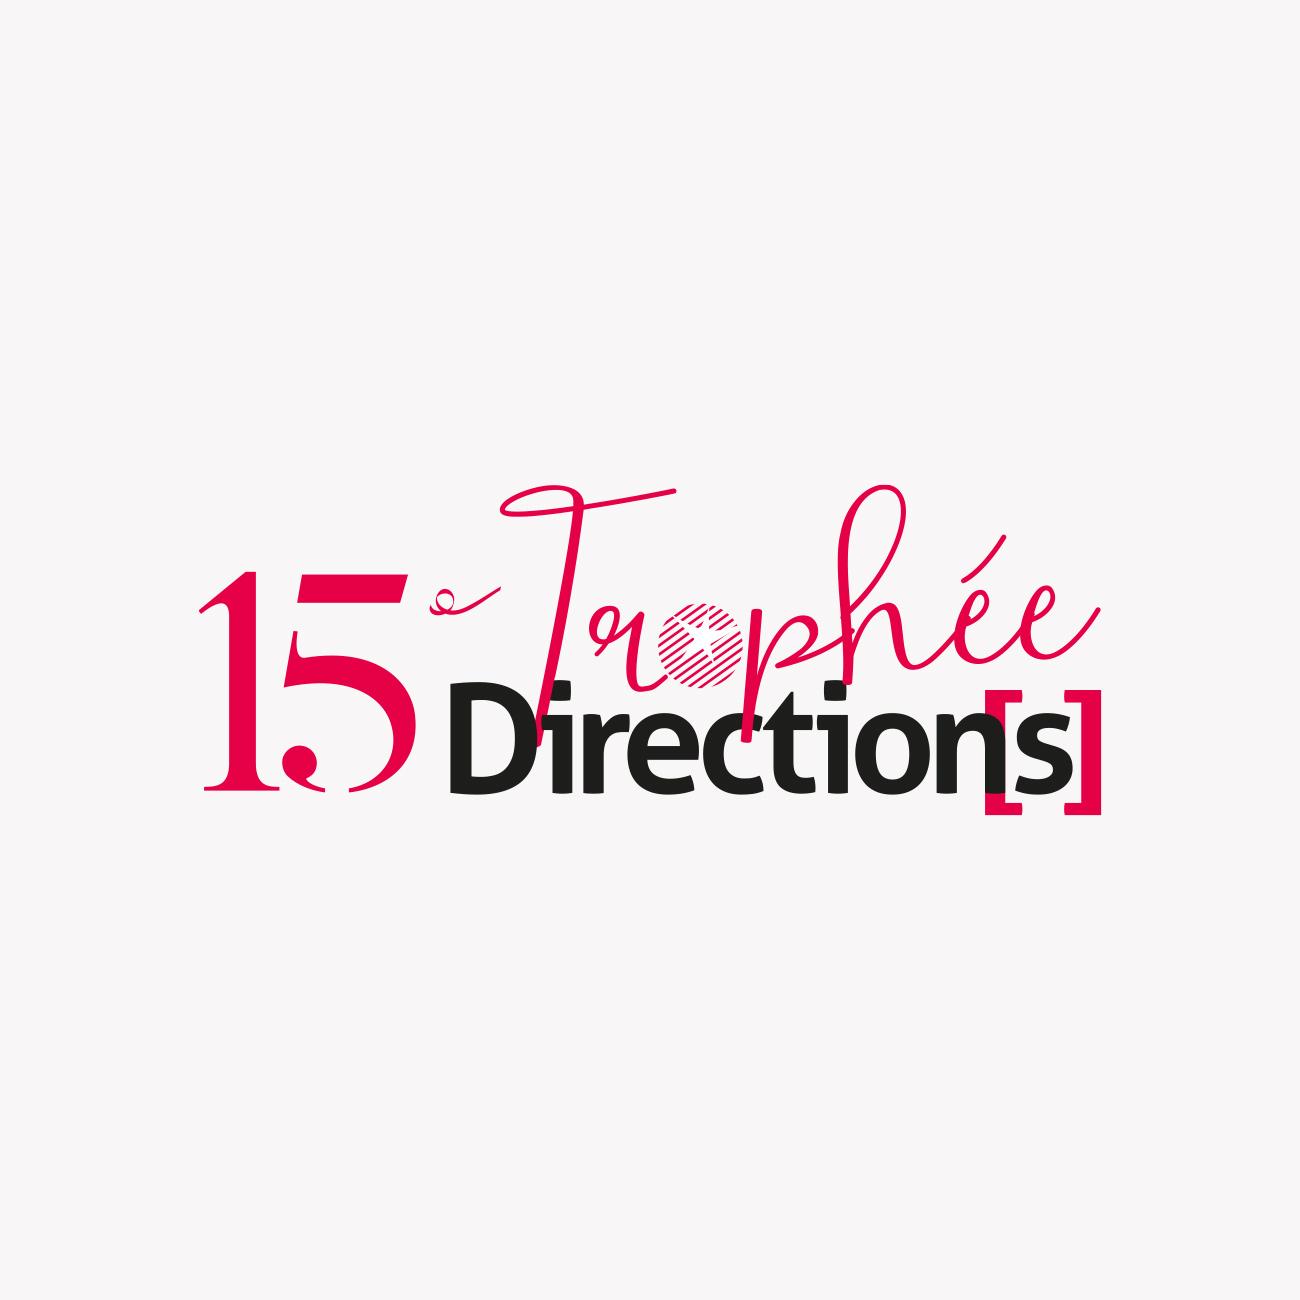 Logo Trophee de Directions 2019